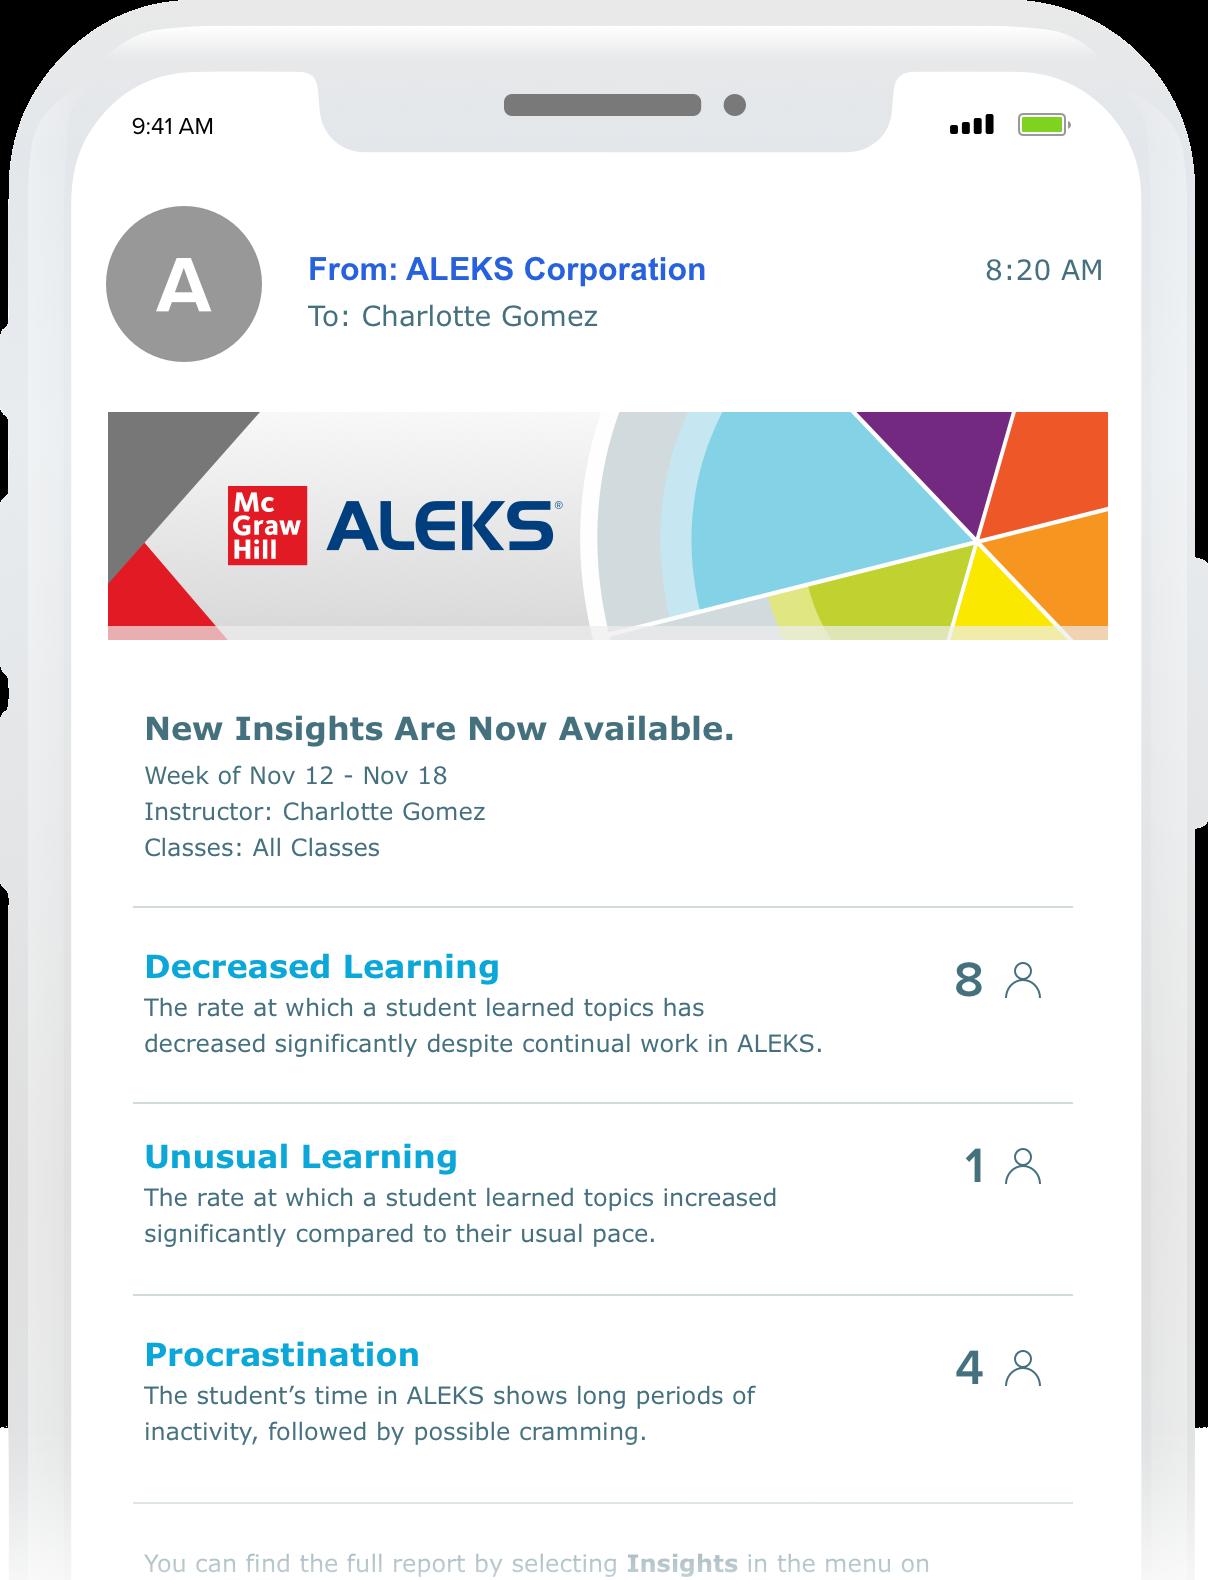 aleks website in phone